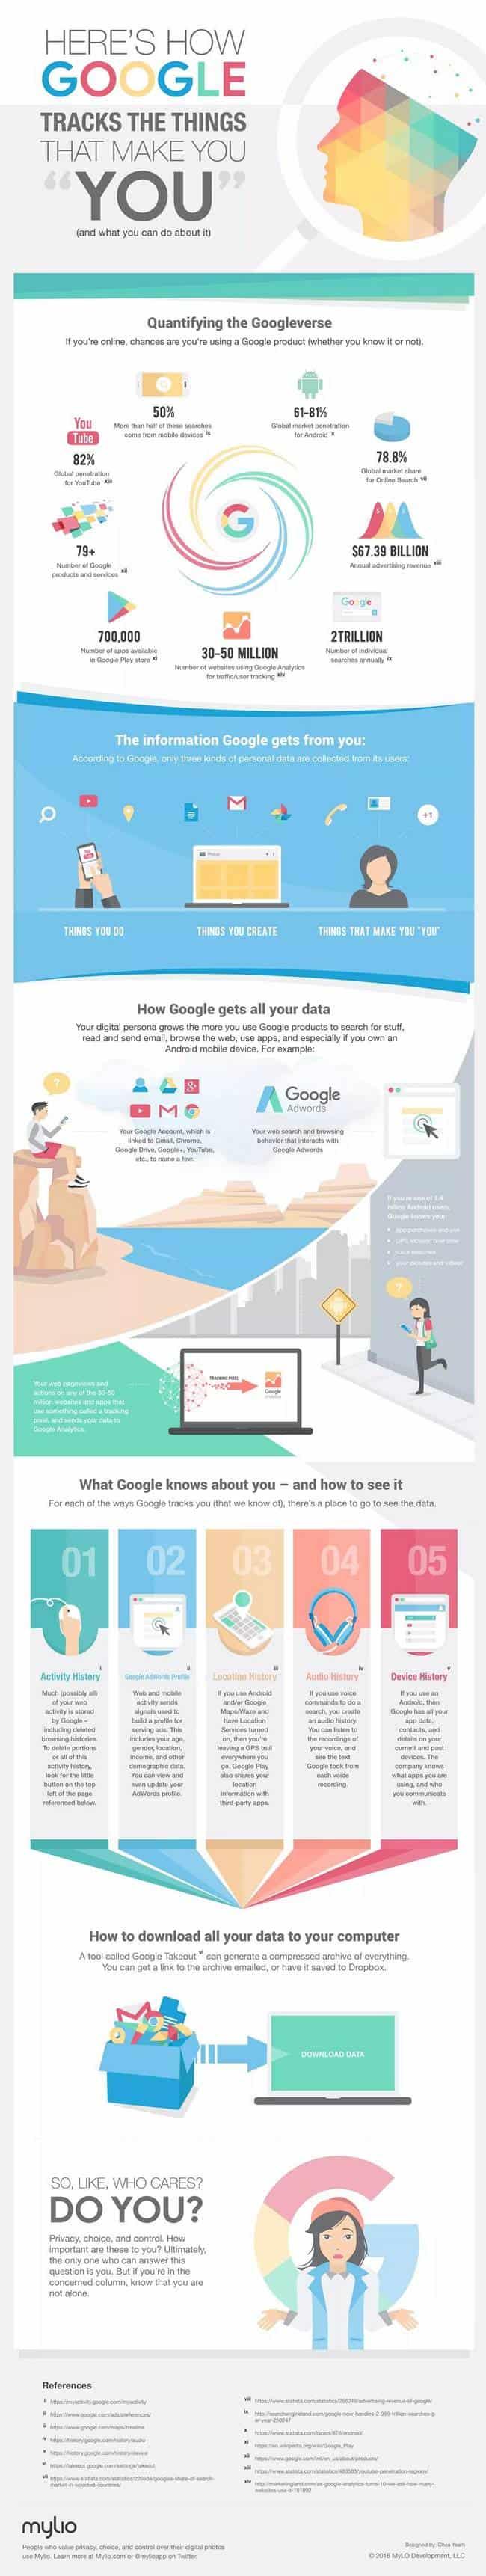 Infographie: ce que Google sait de vous